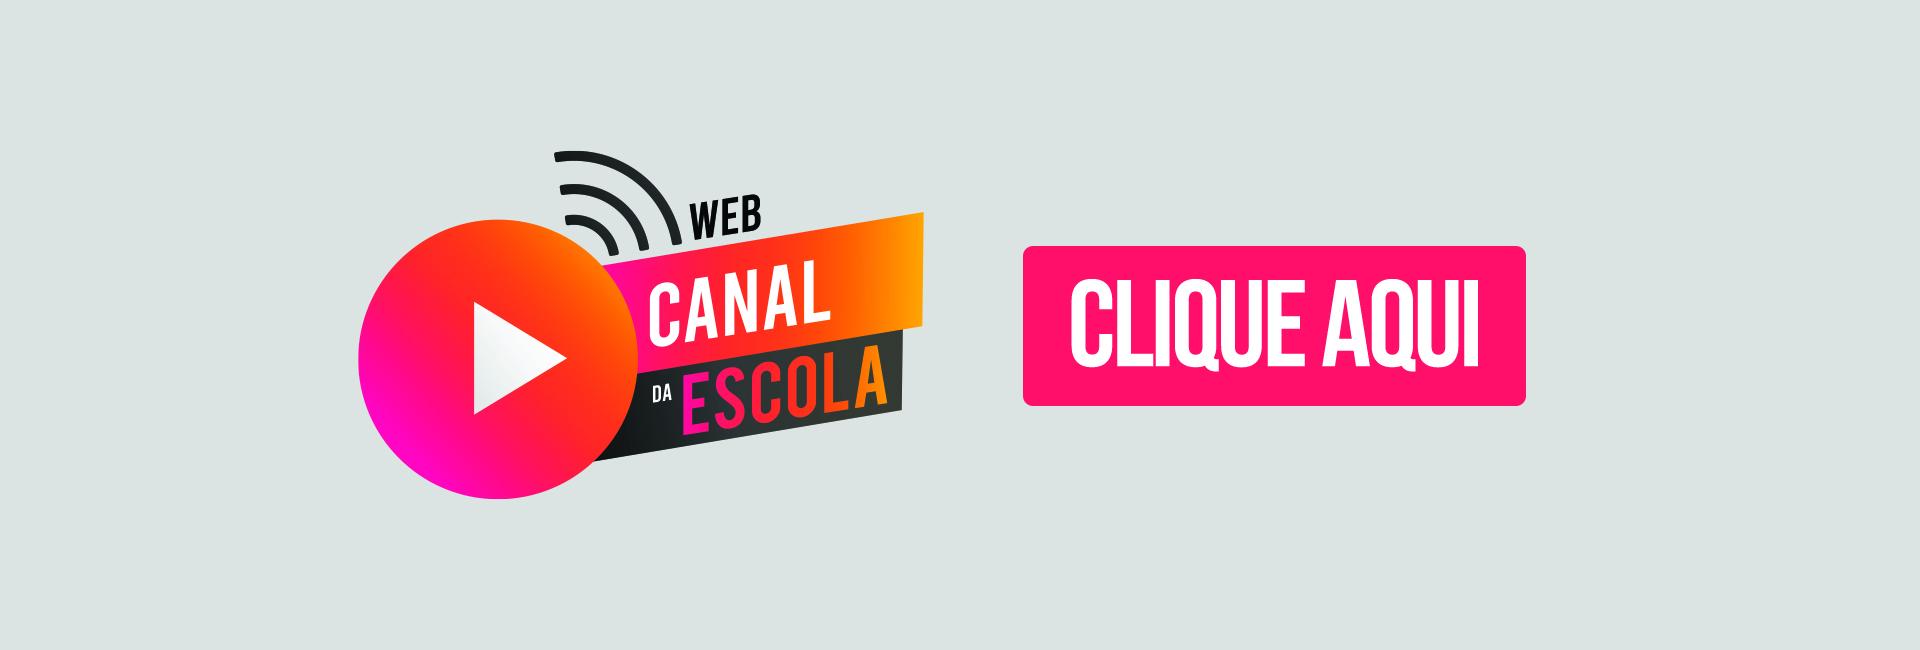 WEB CANAL DA ESCOLA